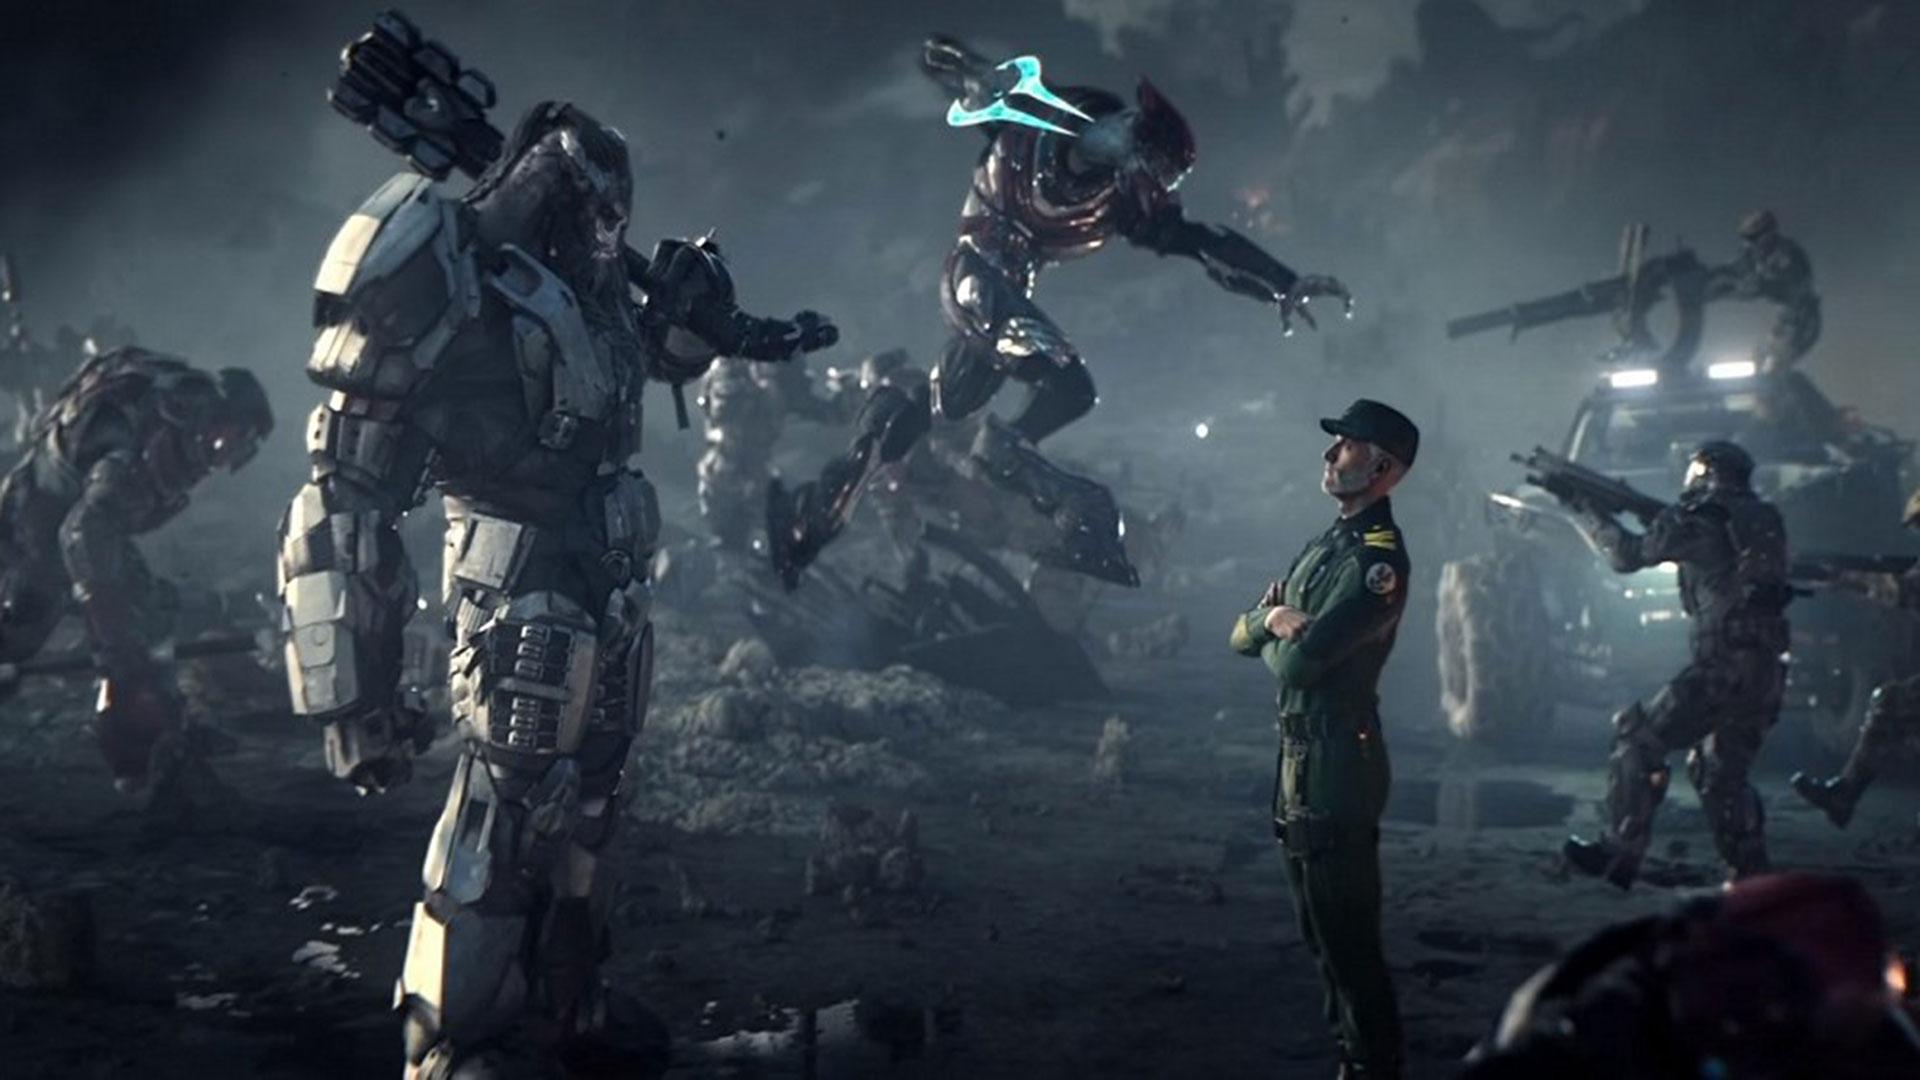 Halo Wars 2 Wallpapers in Ultra HD | 4K